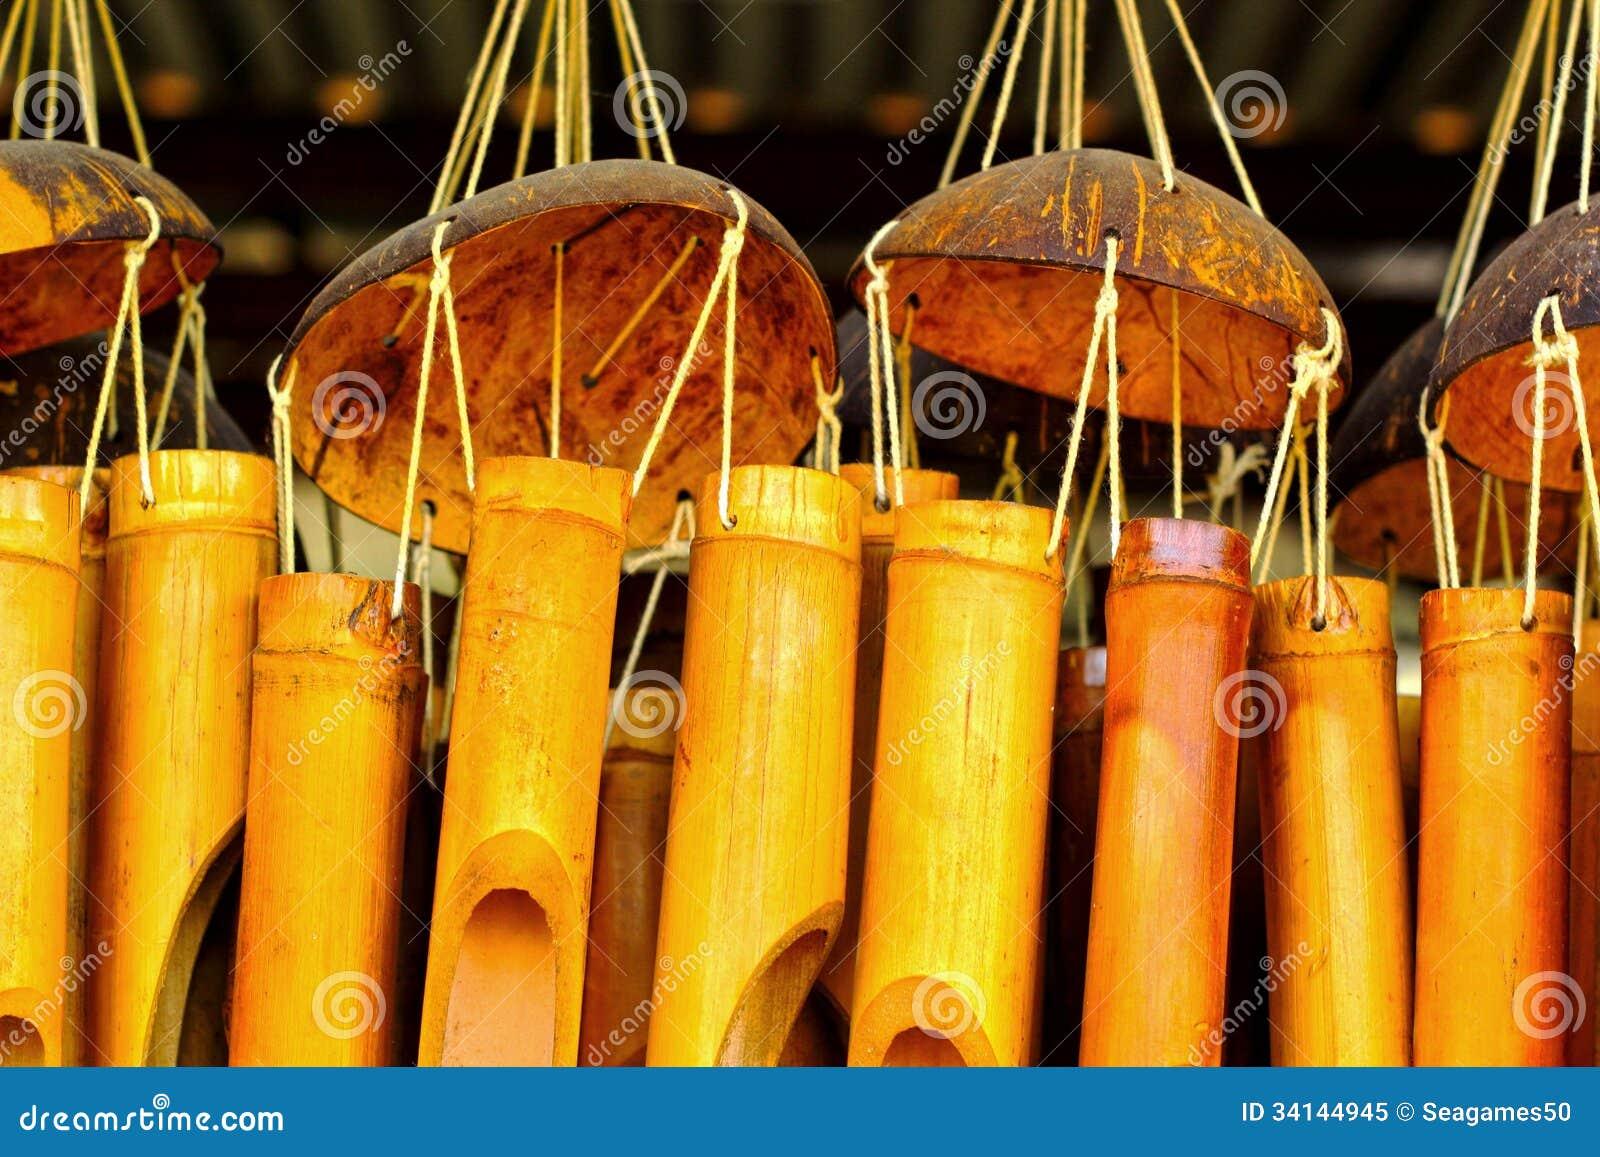 bruit en bambou de carillons de vent pour accrocher photo libre de droits image 34144945. Black Bedroom Furniture Sets. Home Design Ideas